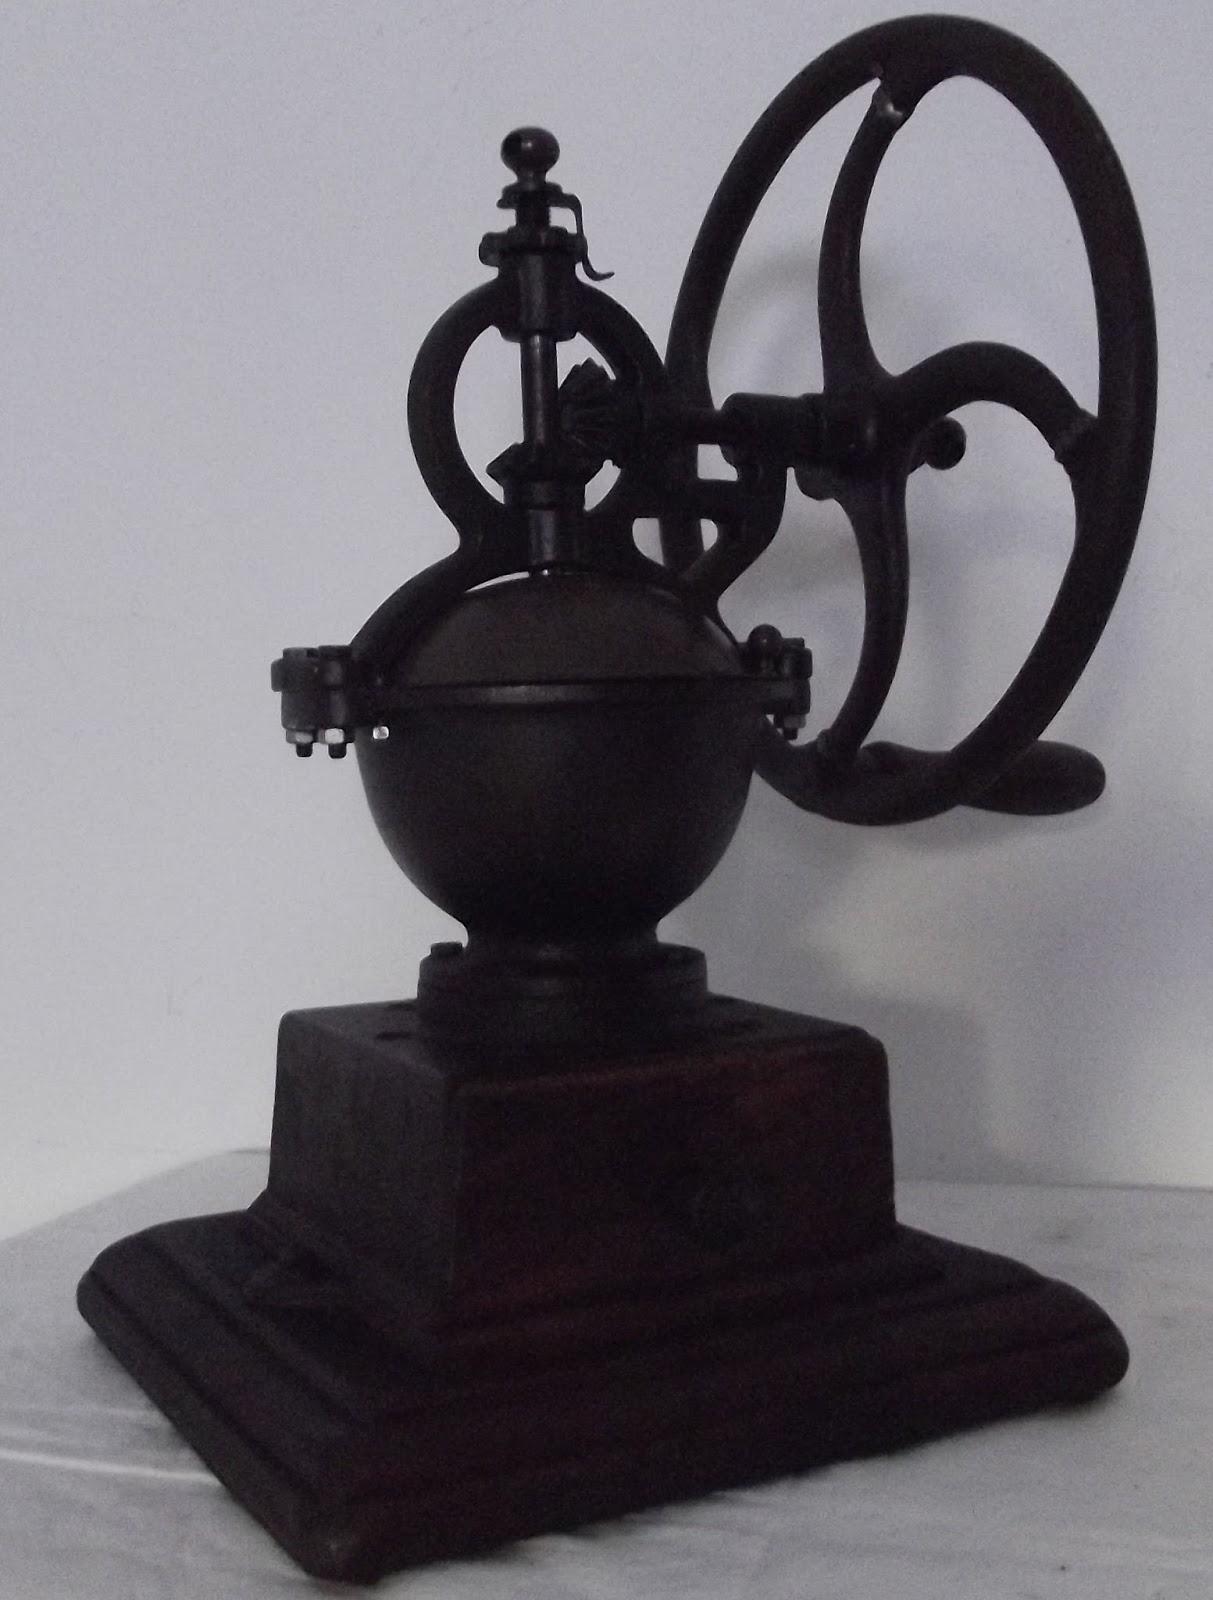 Ancien moulin a caf de comptoir a roue volant bois et fonte fer forg - Moulin a cafe de comptoir ...